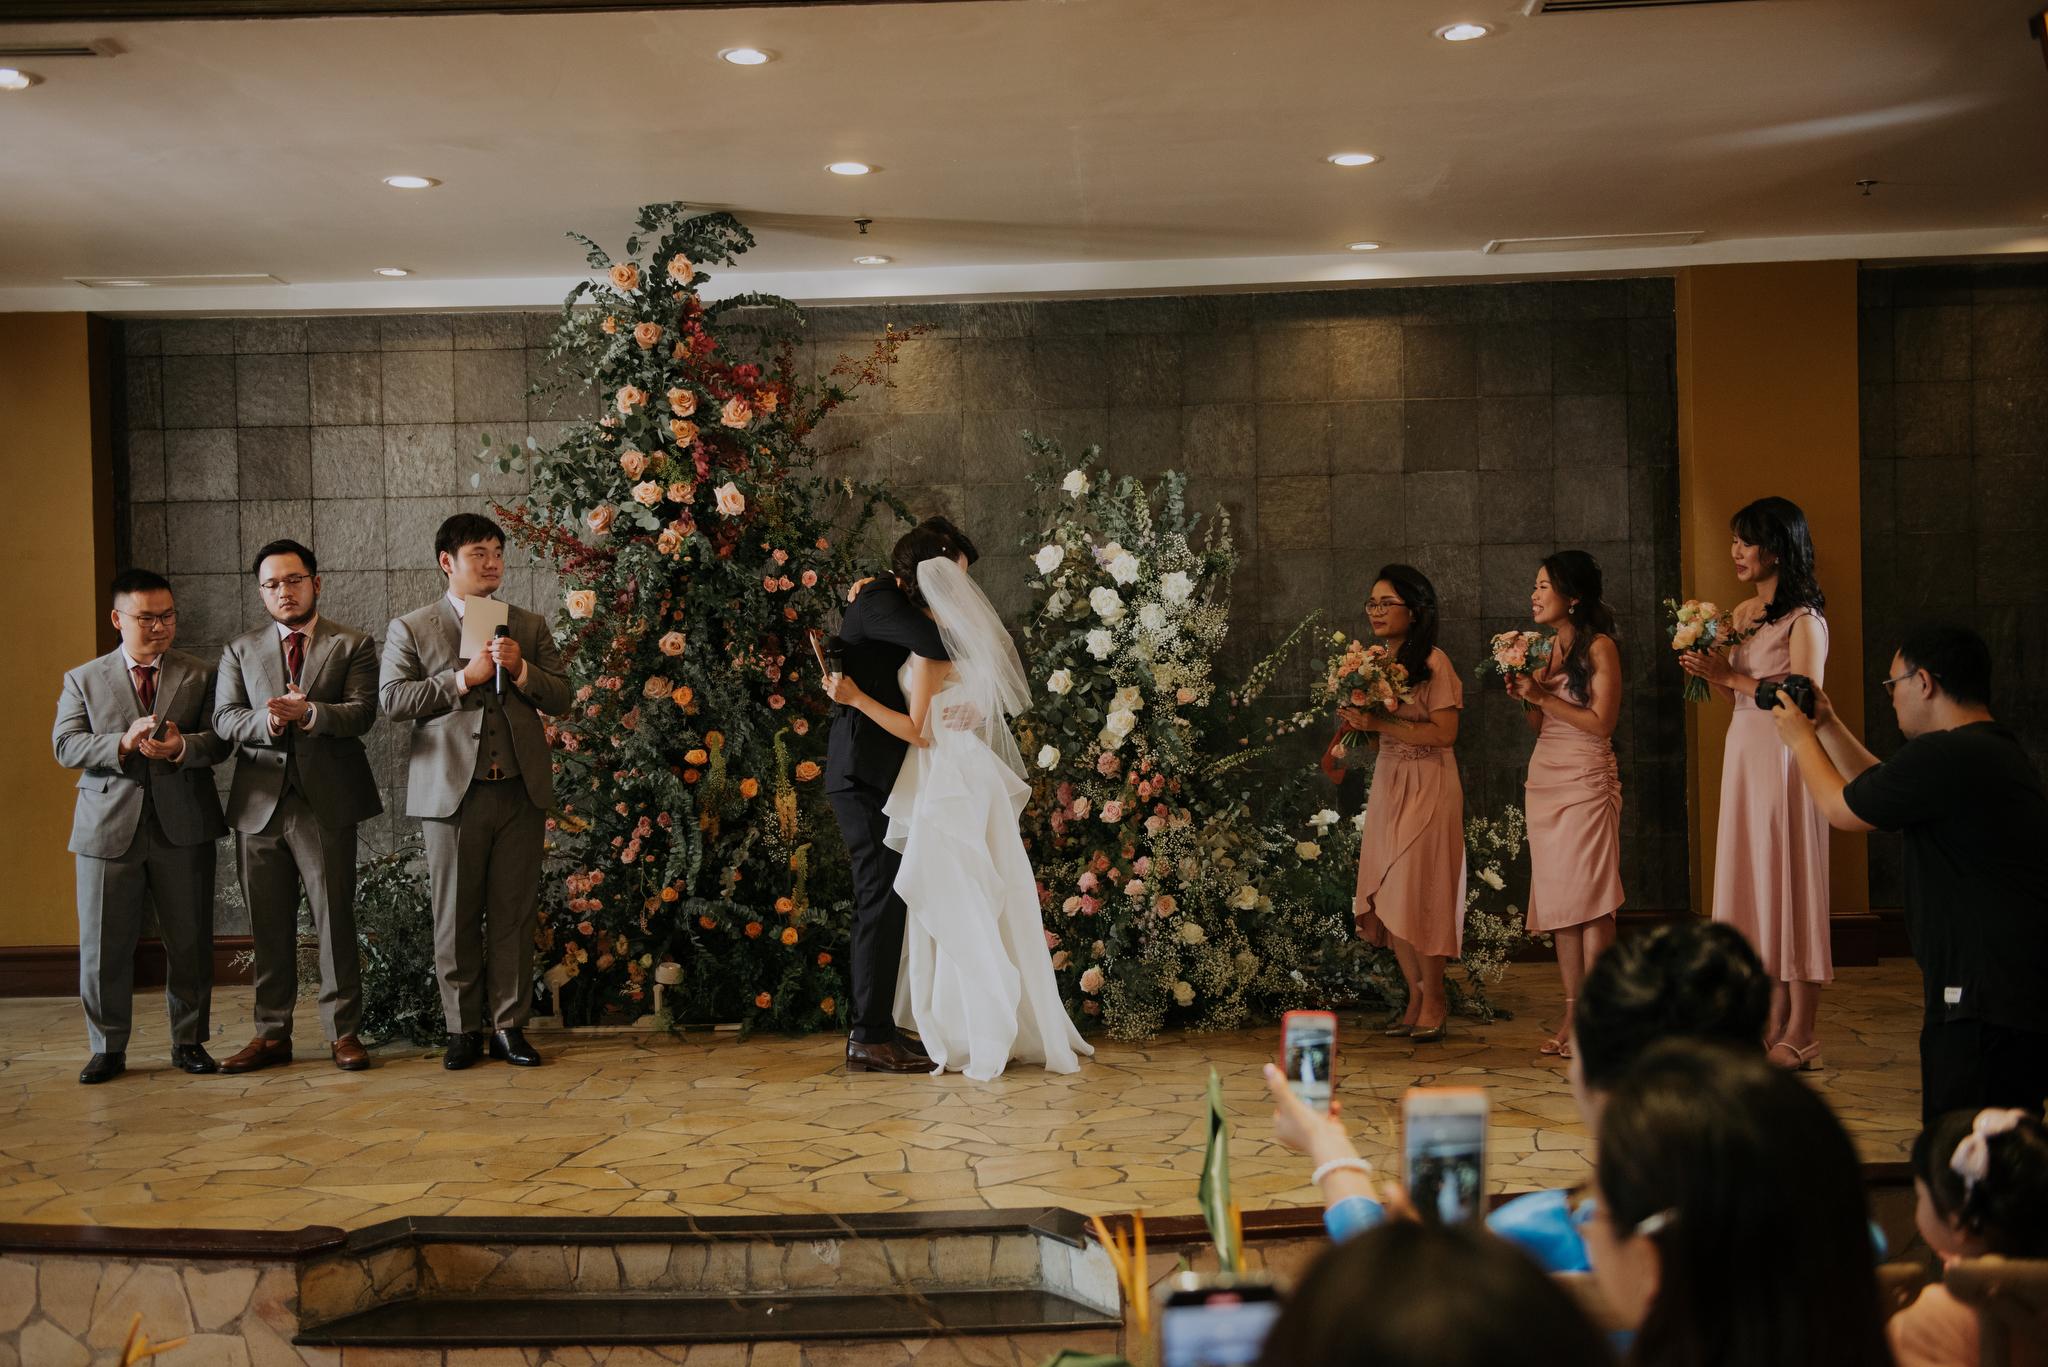 https://huk.s3.amazonaws.com/uploads/image/source/1416/Phuong-Diep-HN-Ceremony-1-0548.JPG